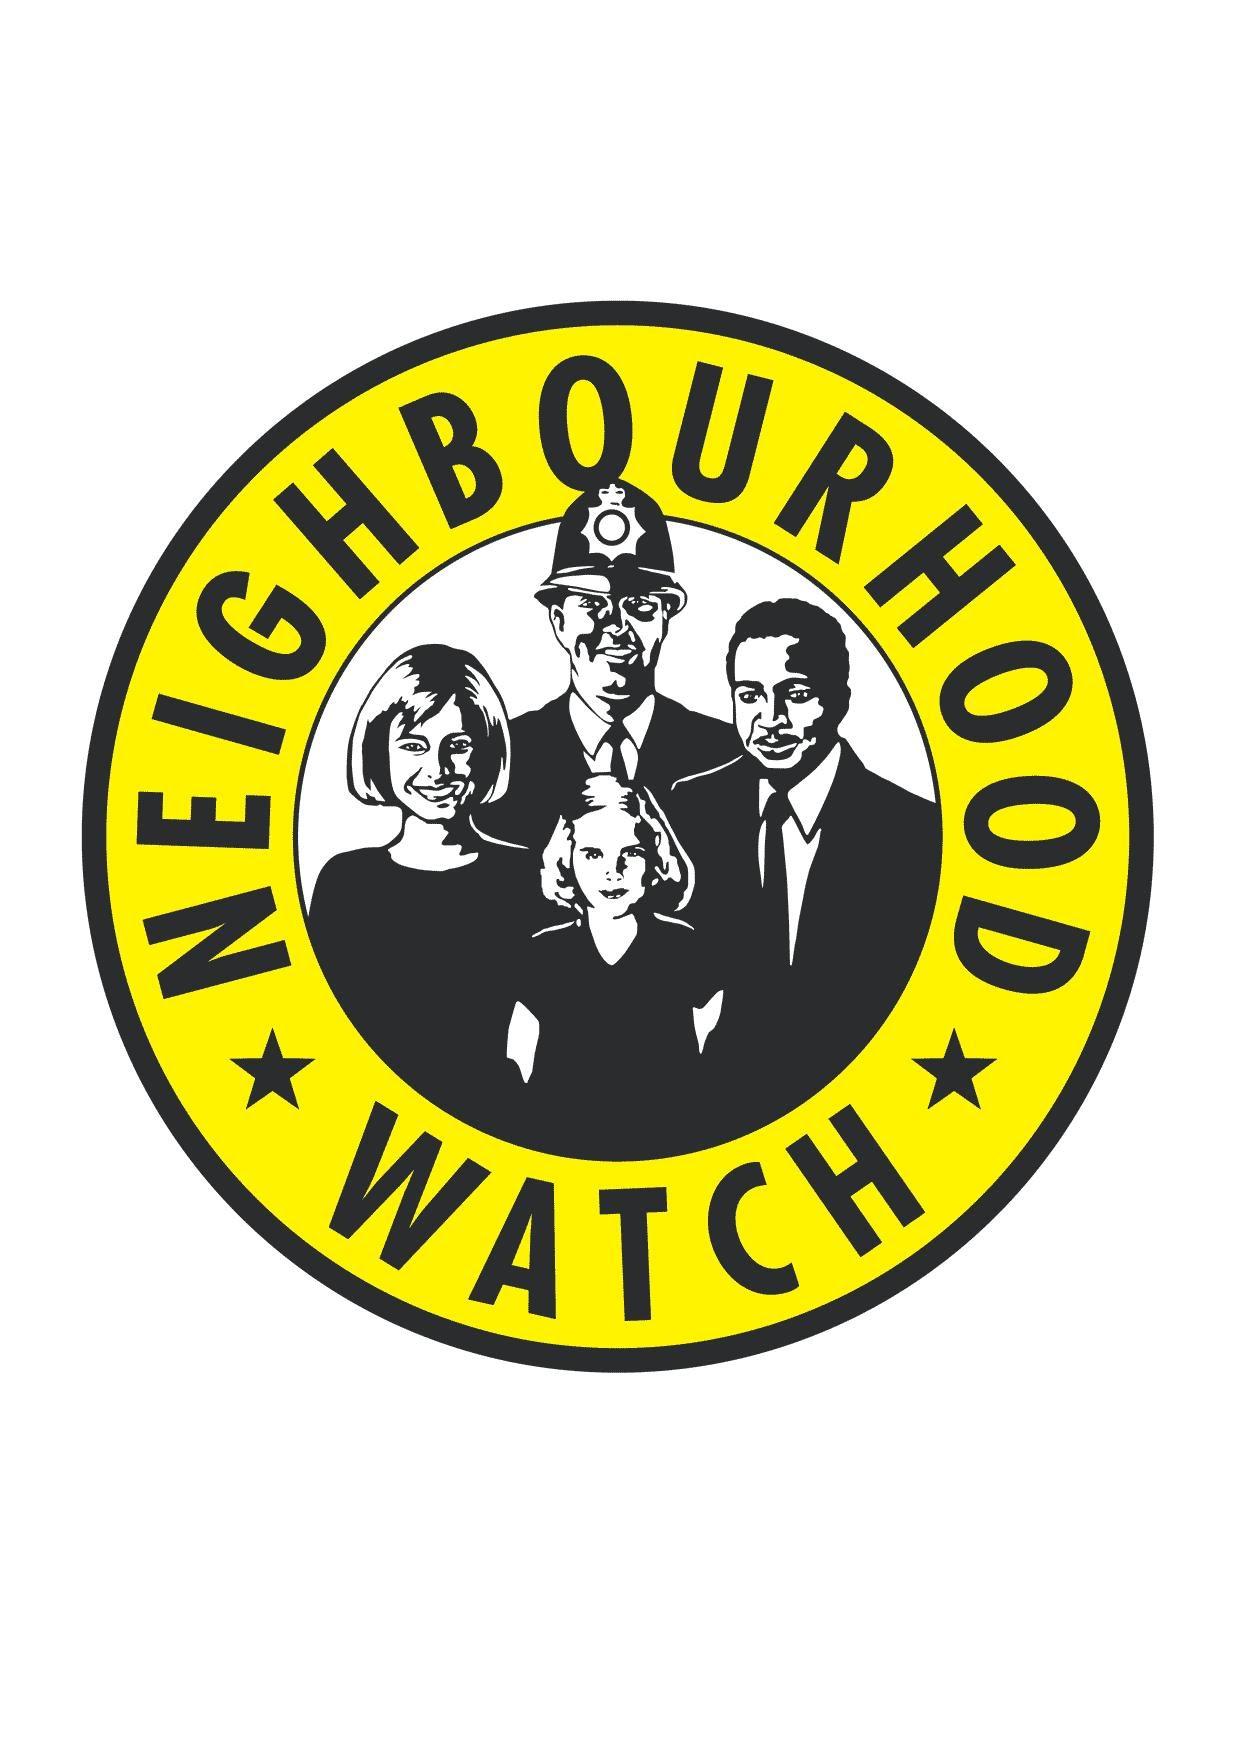 Neighbourhood Watch Clipart.